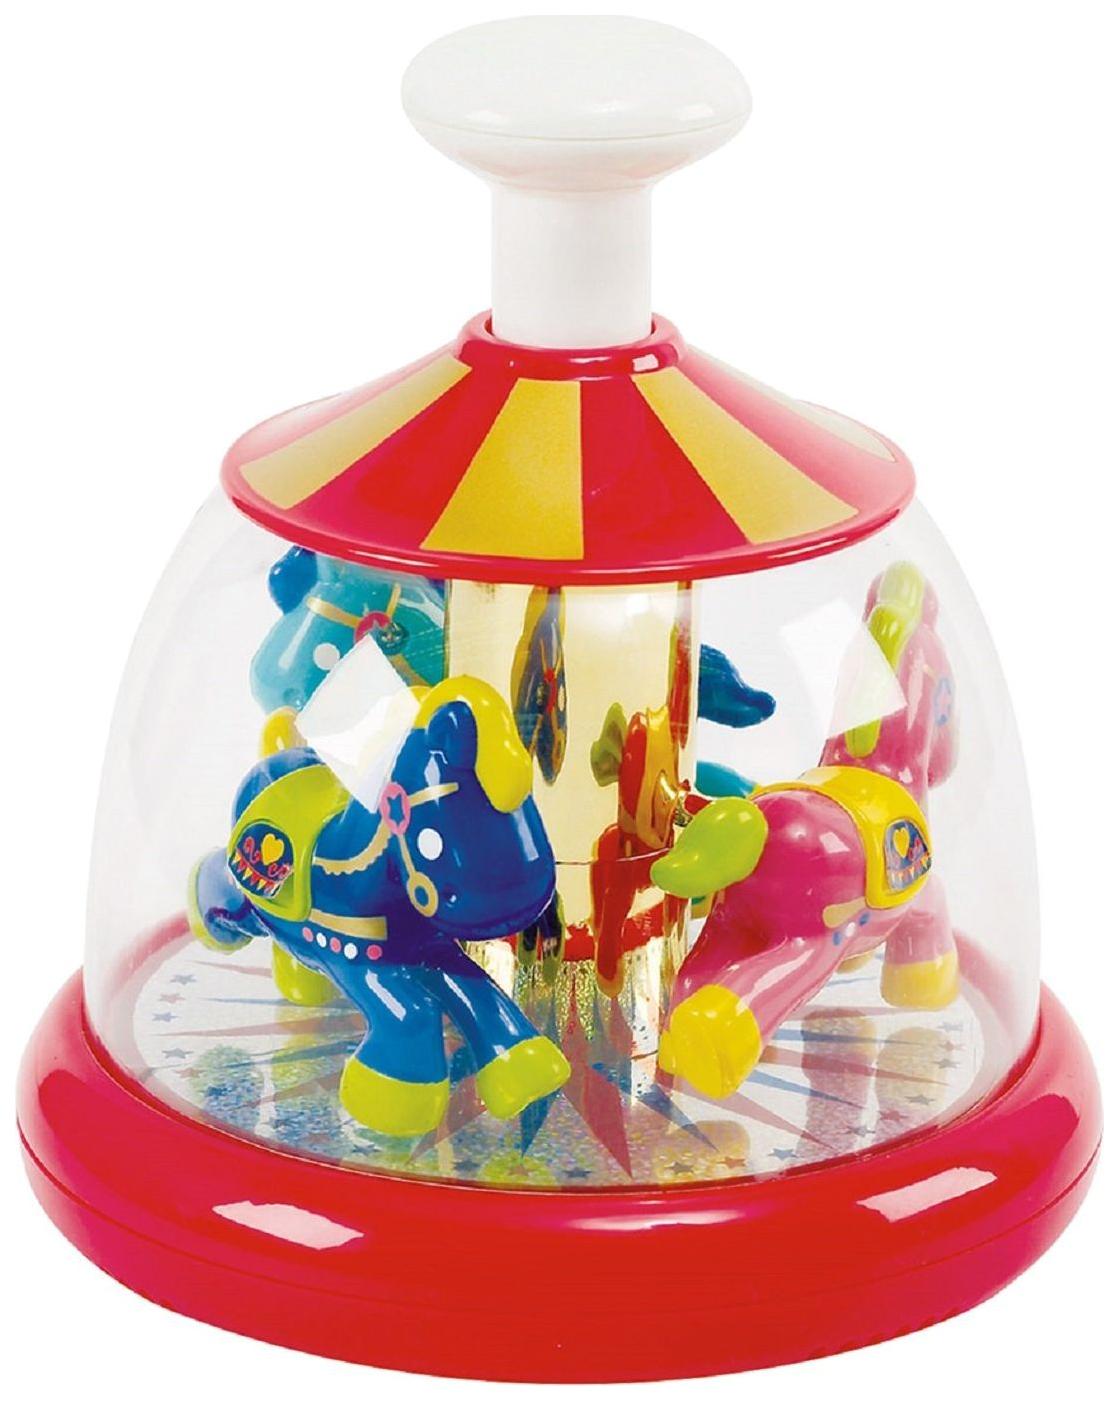 Купить Развивающая игрушка PlayGo Юла с лошадками, Play&Go, Развивающие игрушки